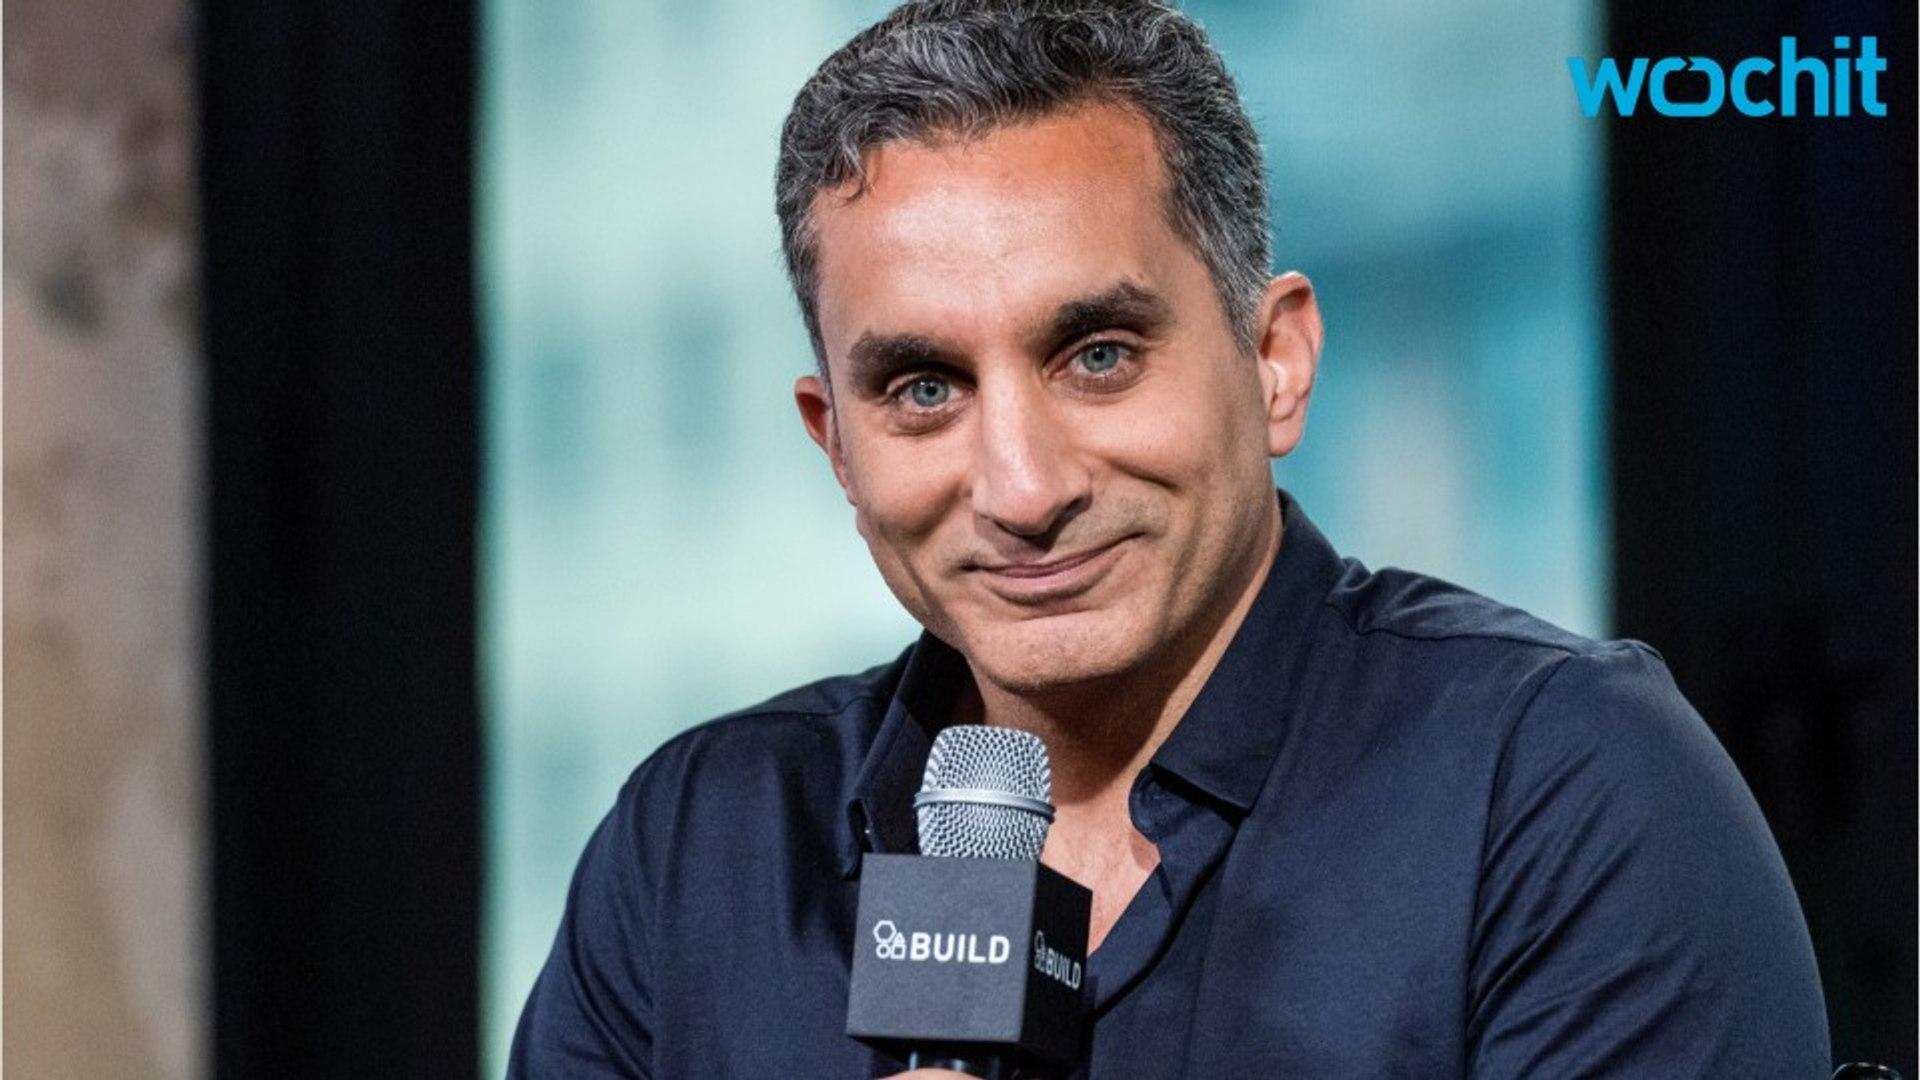 Muslim Host Takes On Trump In New Web Series